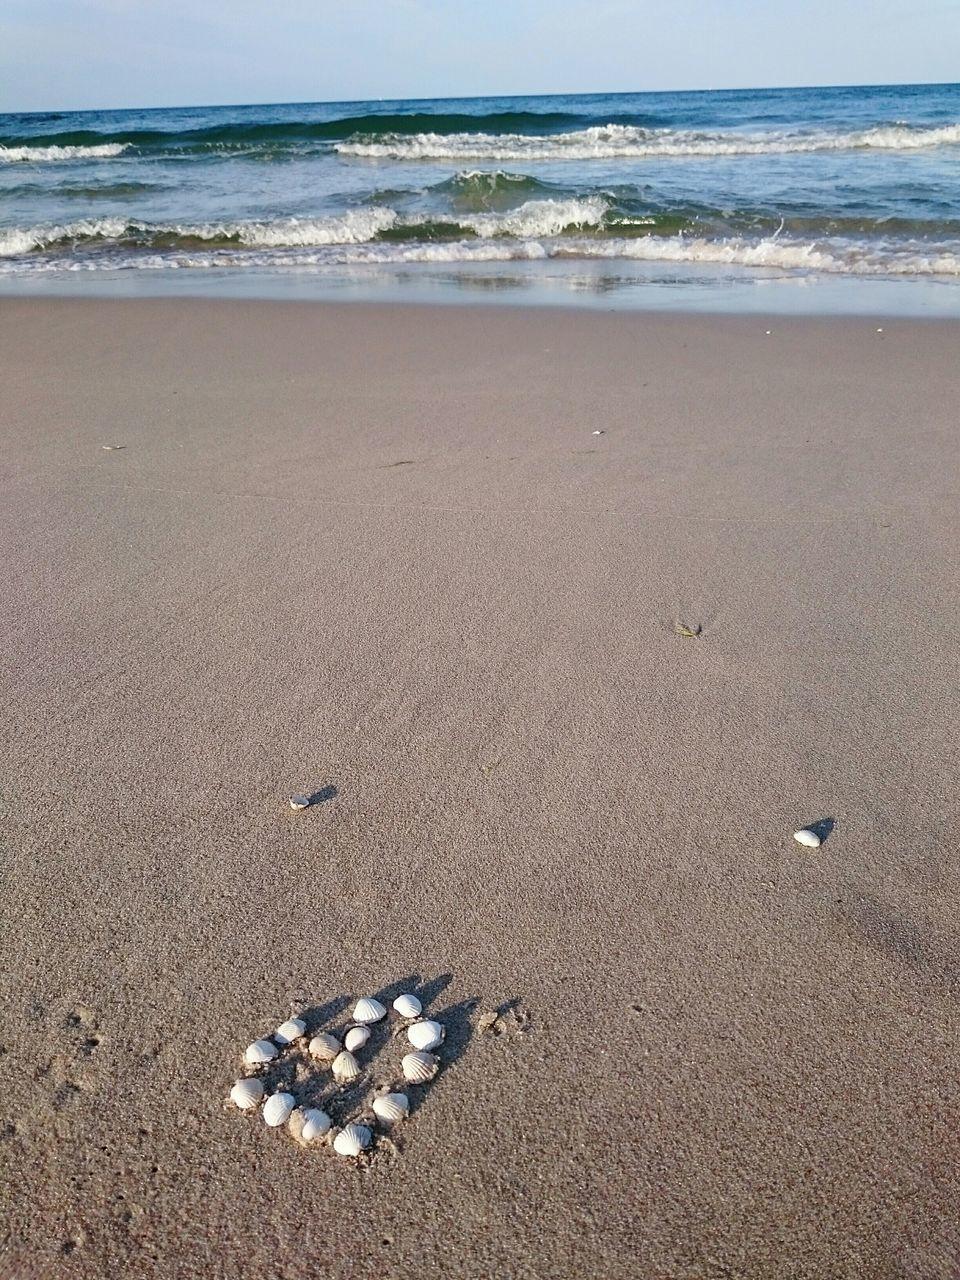 Seashells Arranged In Heart Shape On Beach